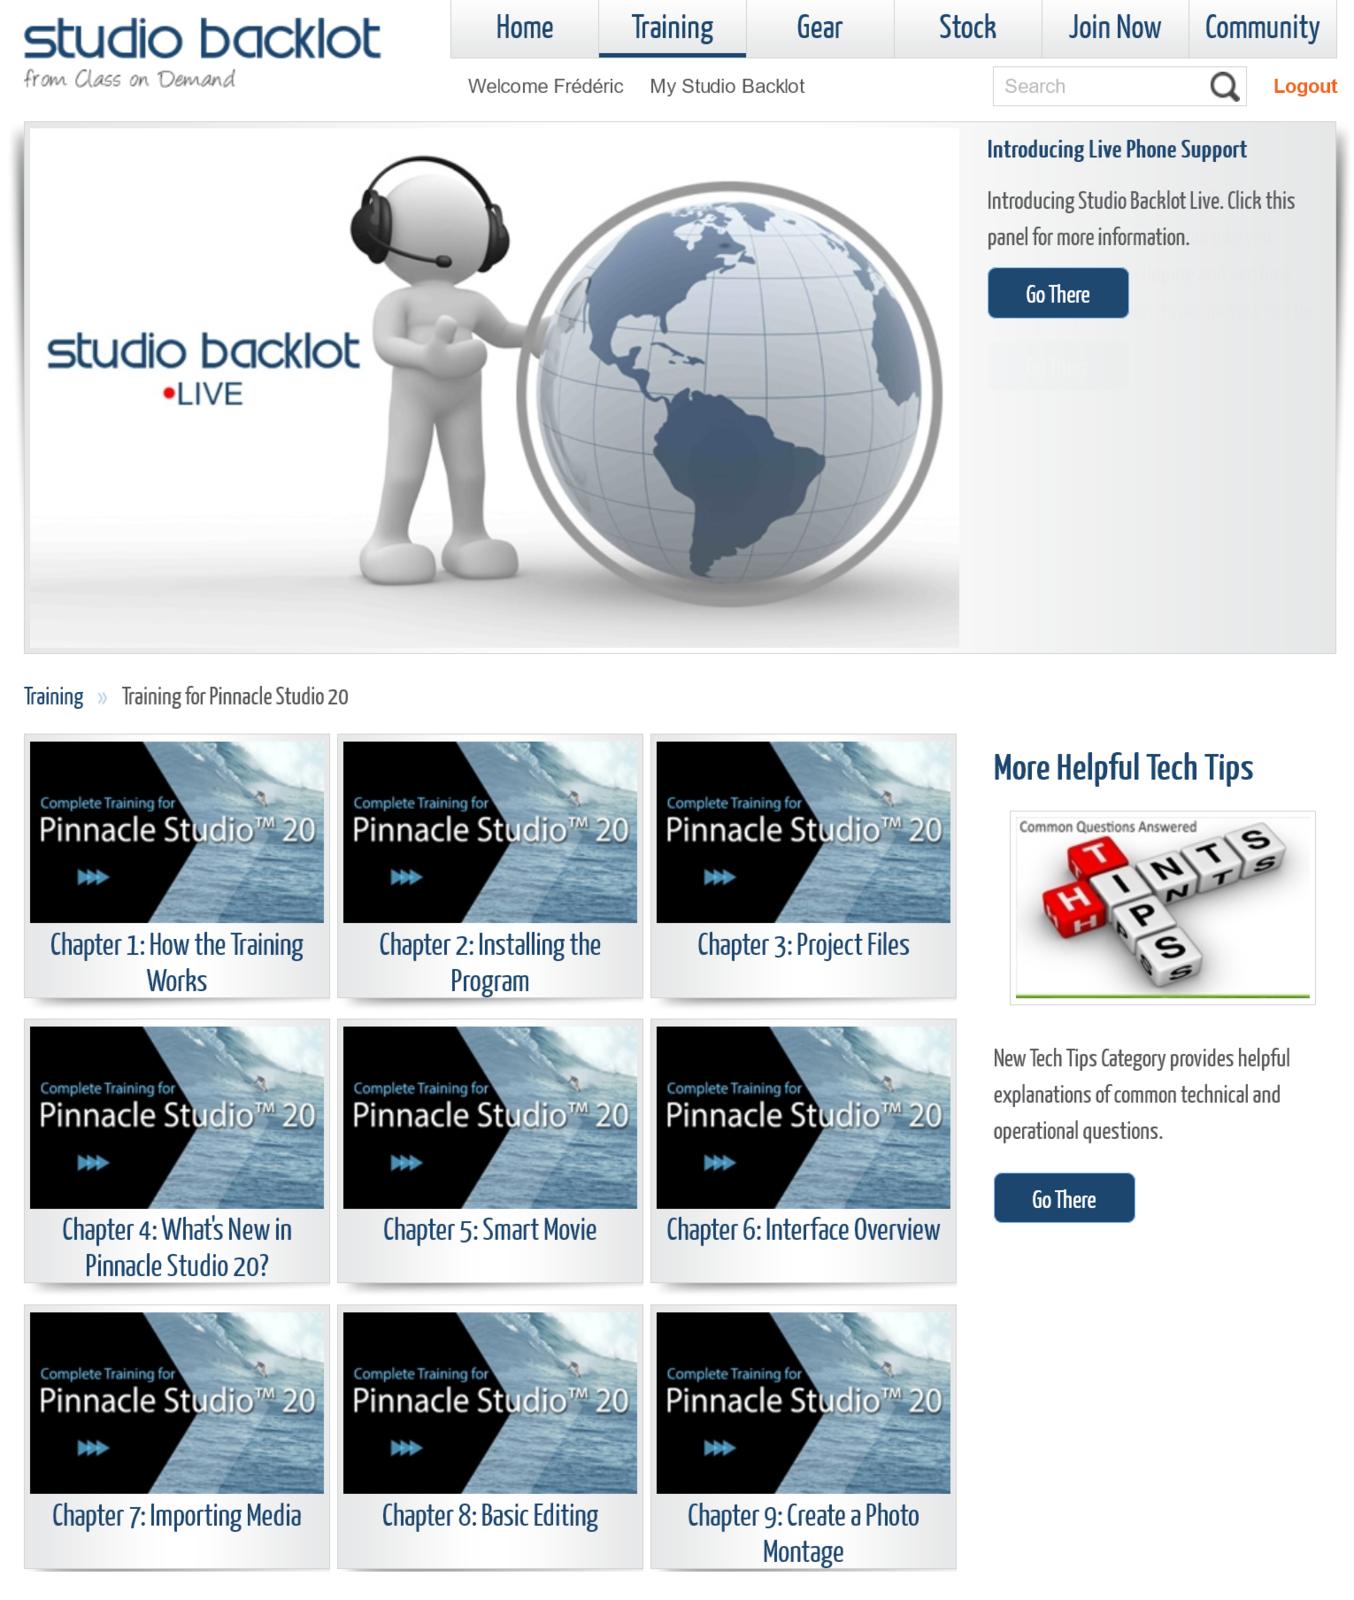 Le site Studiobacklot pour les tutoriels gratuits pendant 21 jours (malheureusement en anglais)